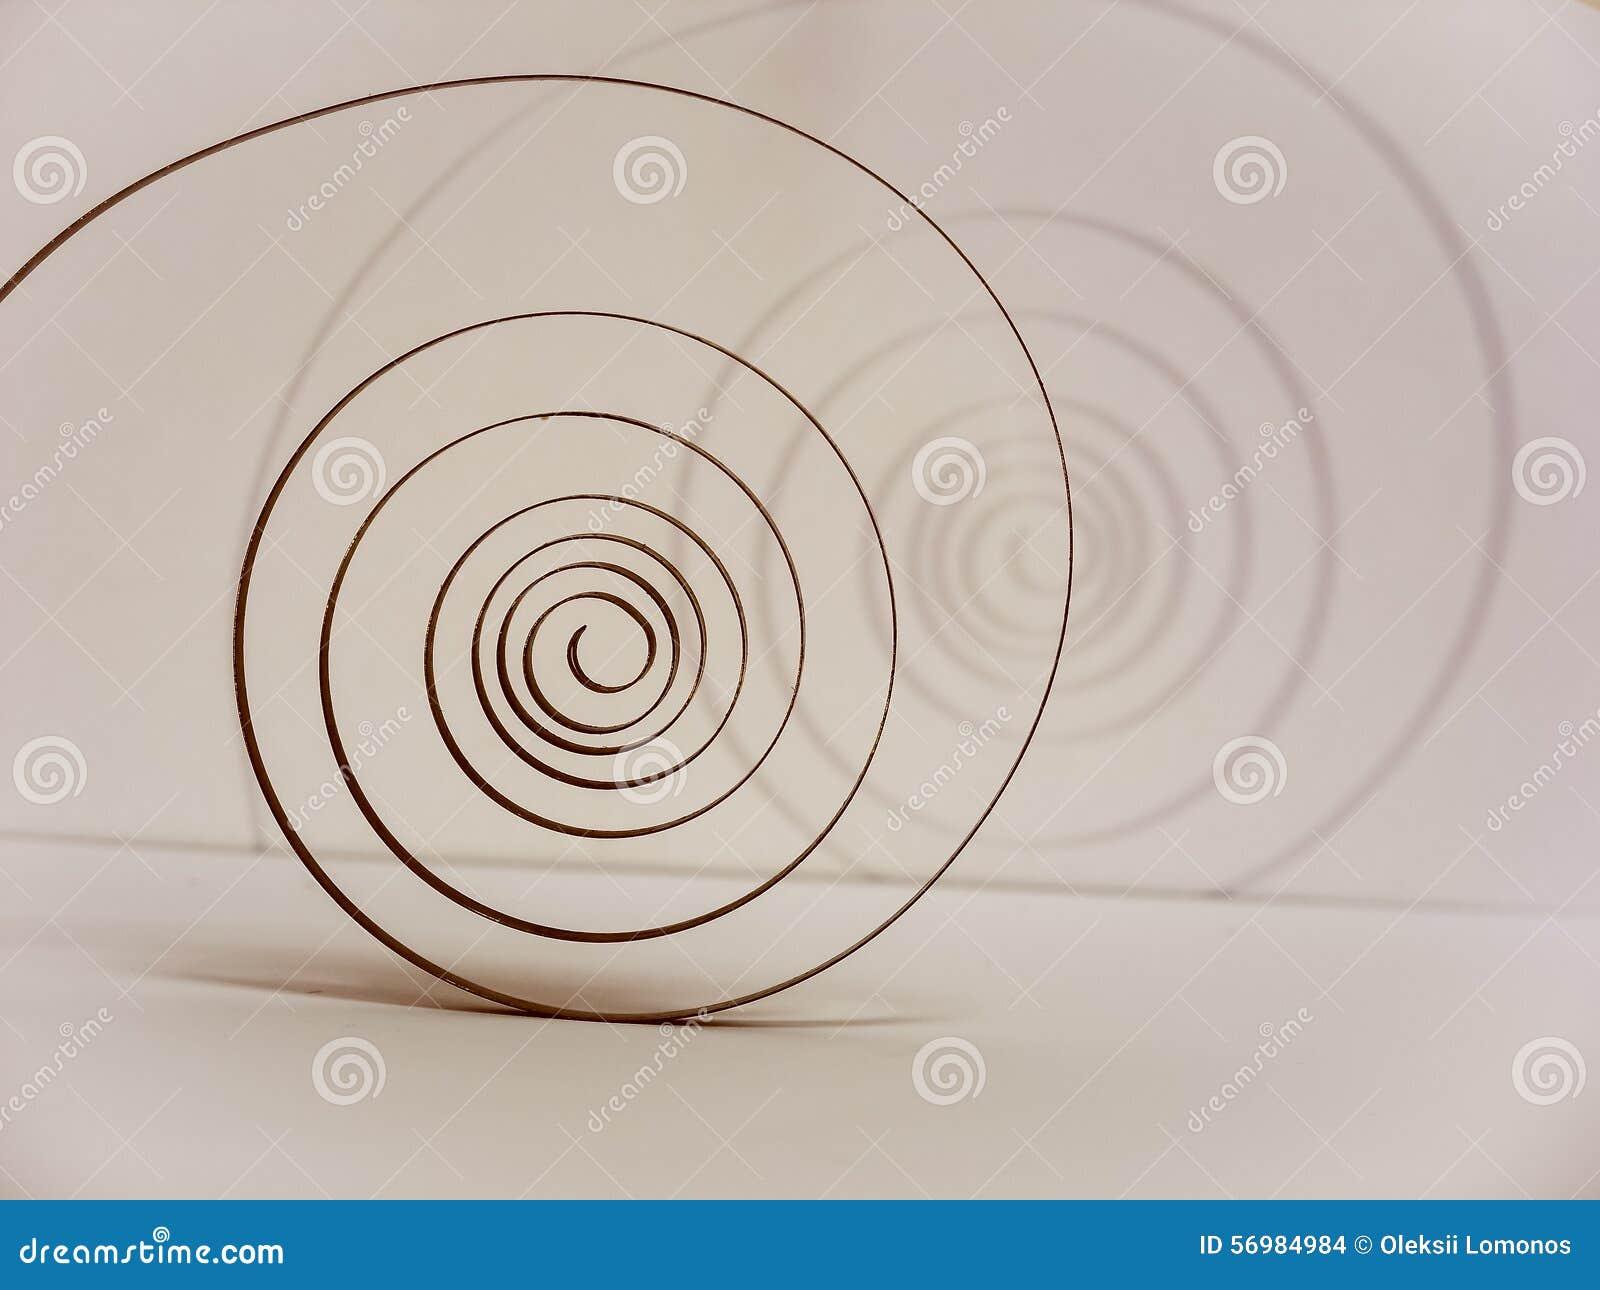 De oude lente op de slinger in de vorm van een spiraal is het hart van het horloge